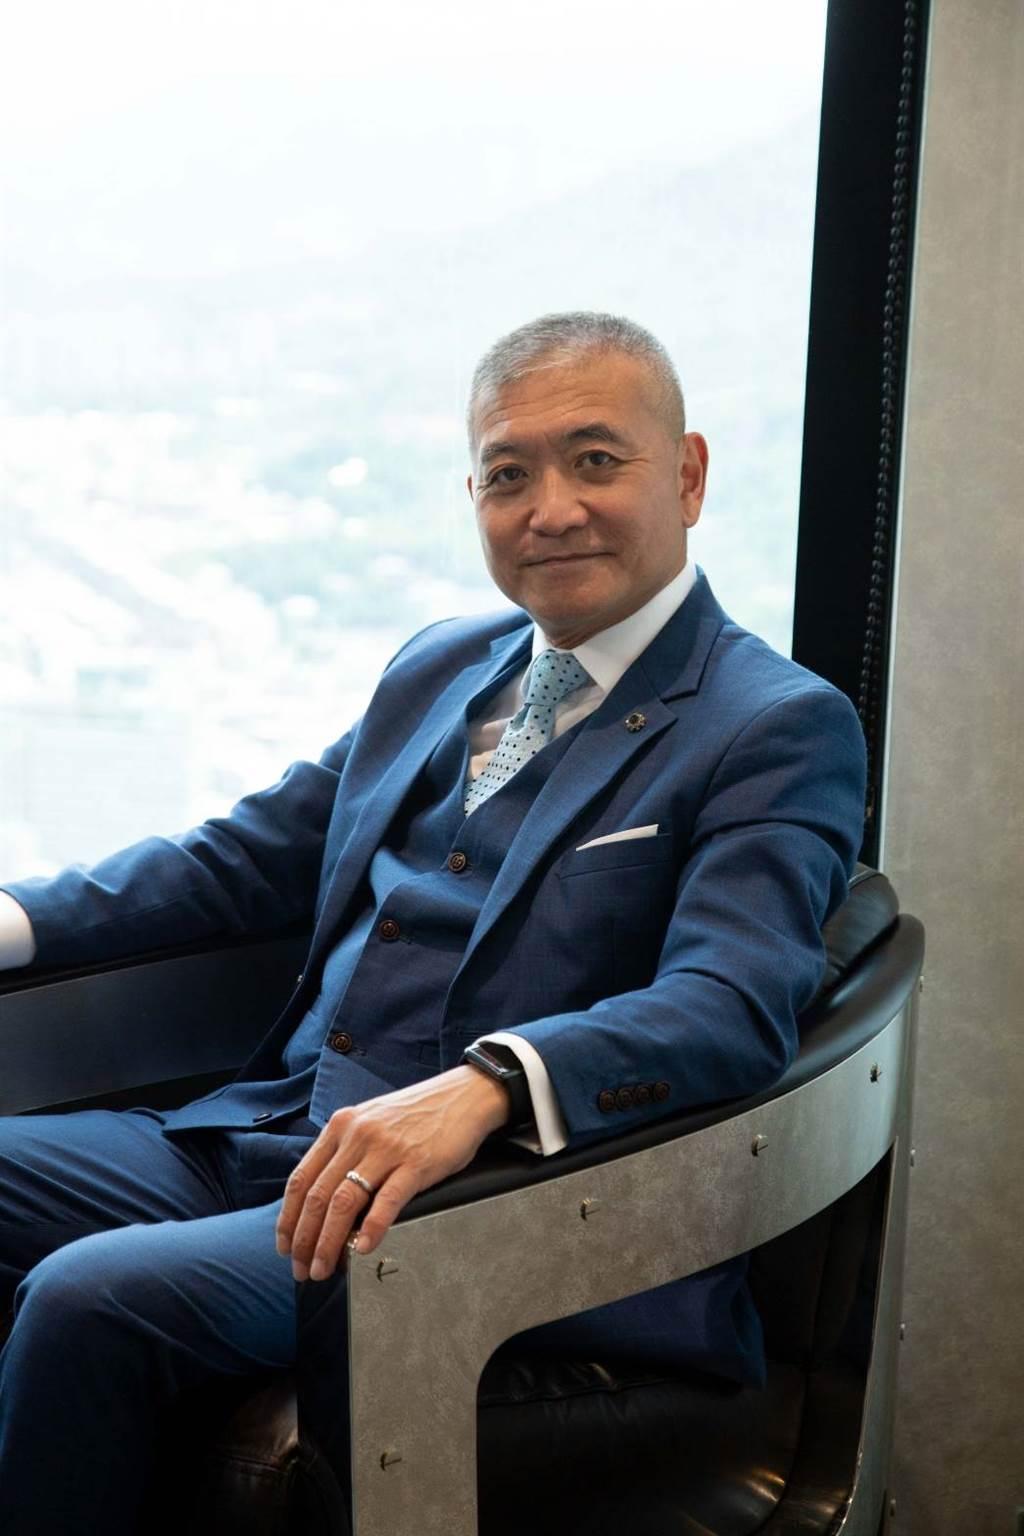 Midas Touch (點石成金數位資產管理平台) 全球行銷事業群總經理何啟聖